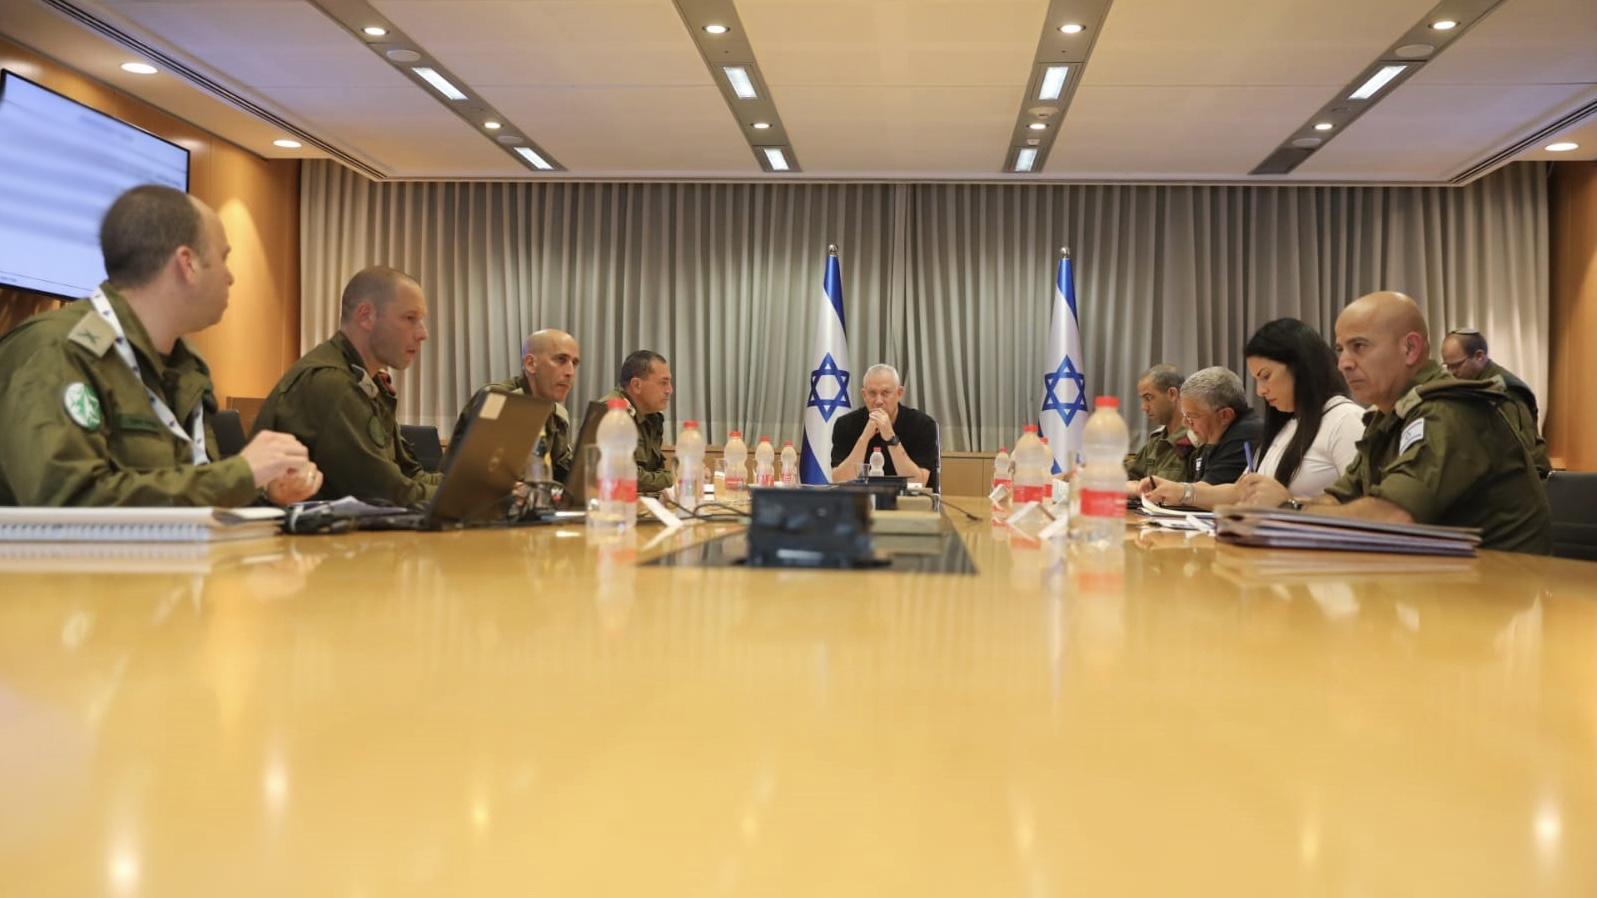 לקראת המשך הפעולות המבצעיות: שר הביטחון גנץ סיים הערכת מצב עם בכירים במערכת הביטחון